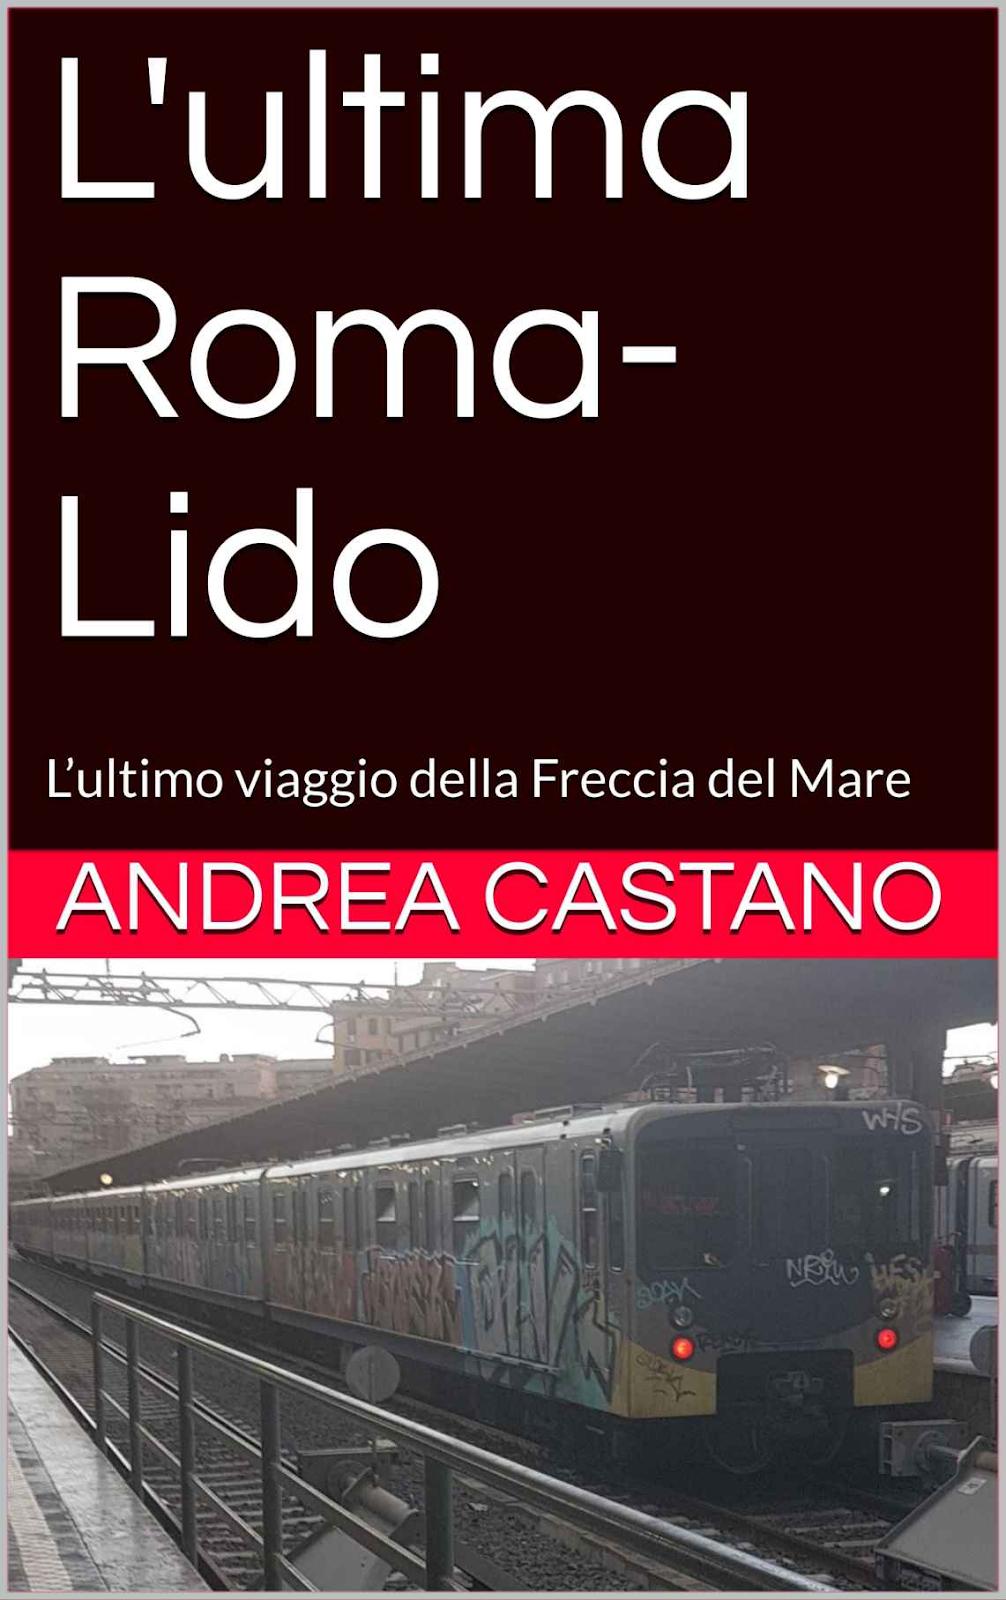 E-Book - L'ultimo #RomaLido